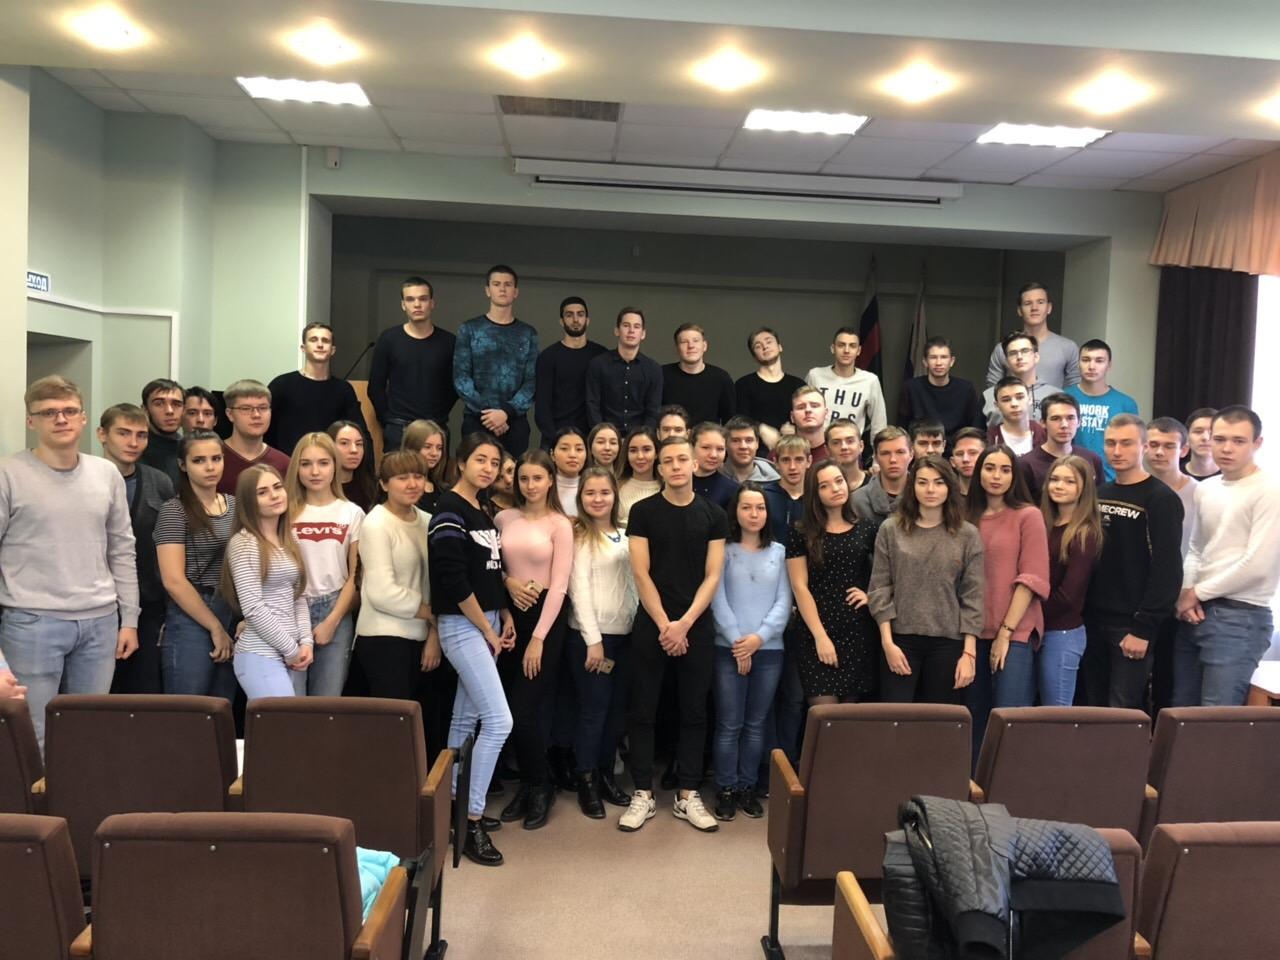 Студенты на Дне открытых дверей в Управлении Федеральной службы судебных приставов по Челябинской области